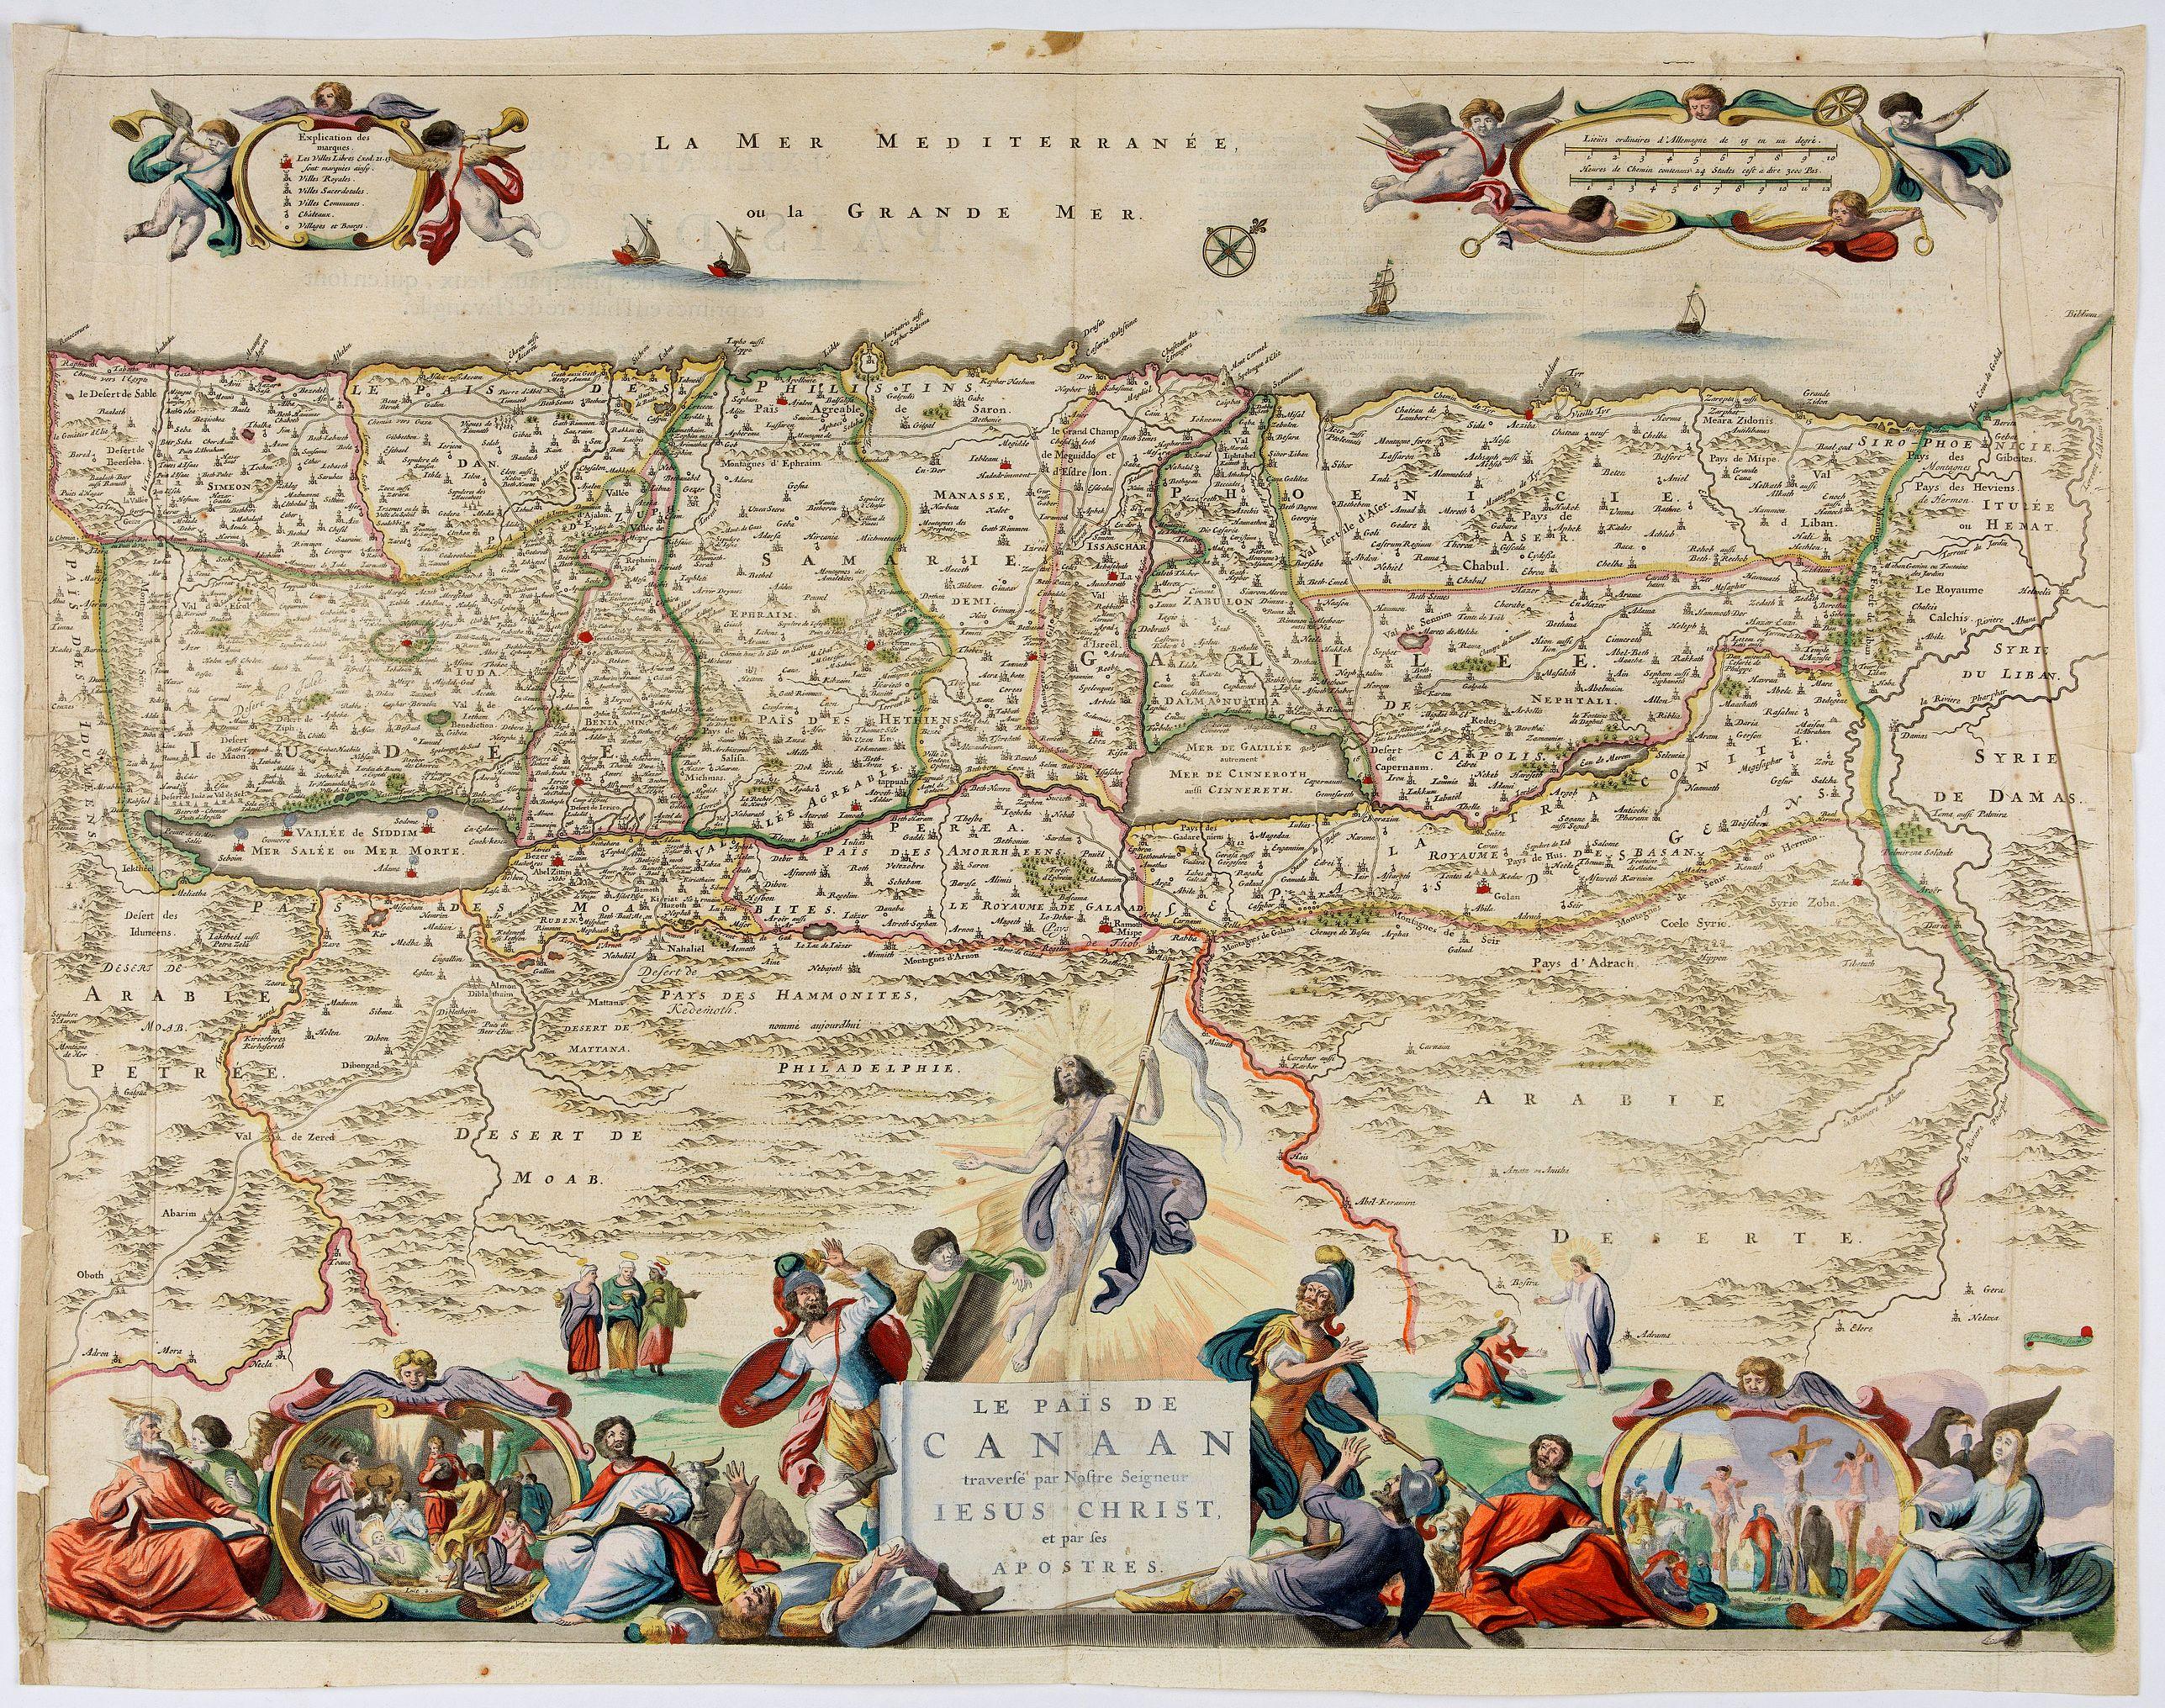 VISSCHER, N. -  Le Païs de Canaan traversé par notre seigneur Iesus Christ et les apostres.